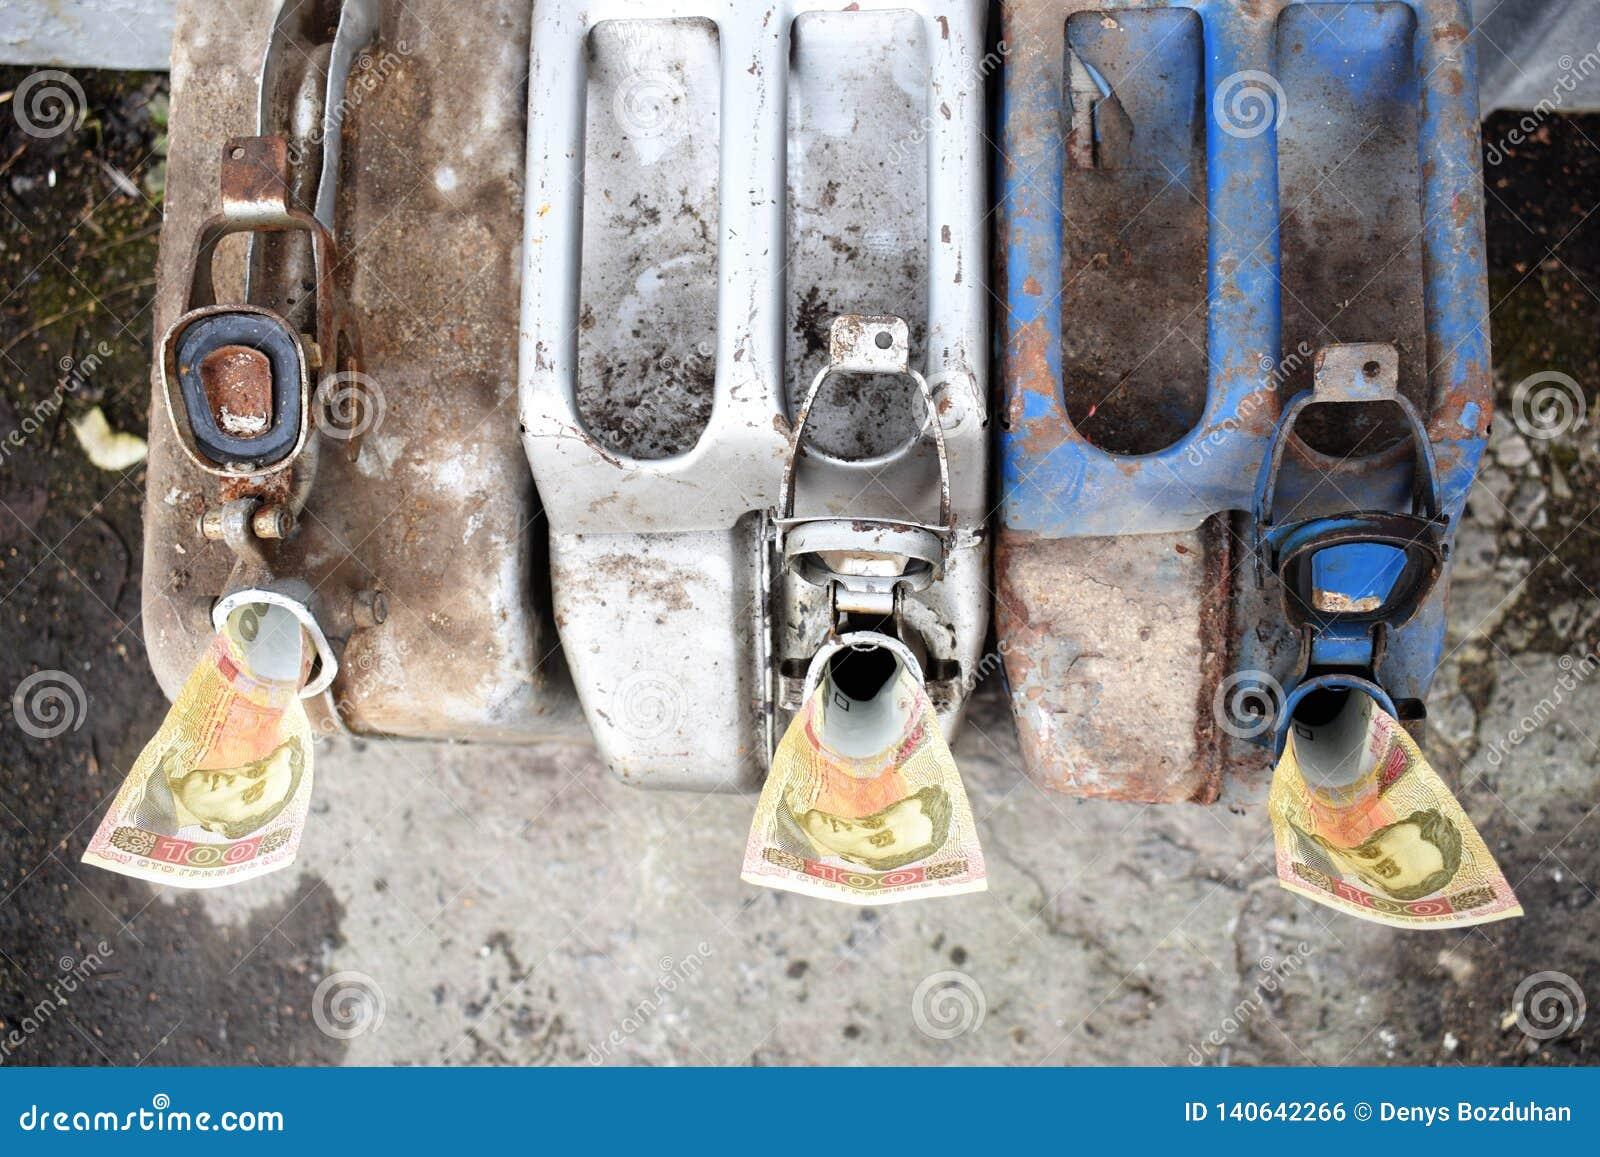 Drei Metallfässer und ukrainisches Geld, das Konzept der Kosten des Benzins, Diesel, Gas Brennstoffaufnahmemaschinen Banknote 100